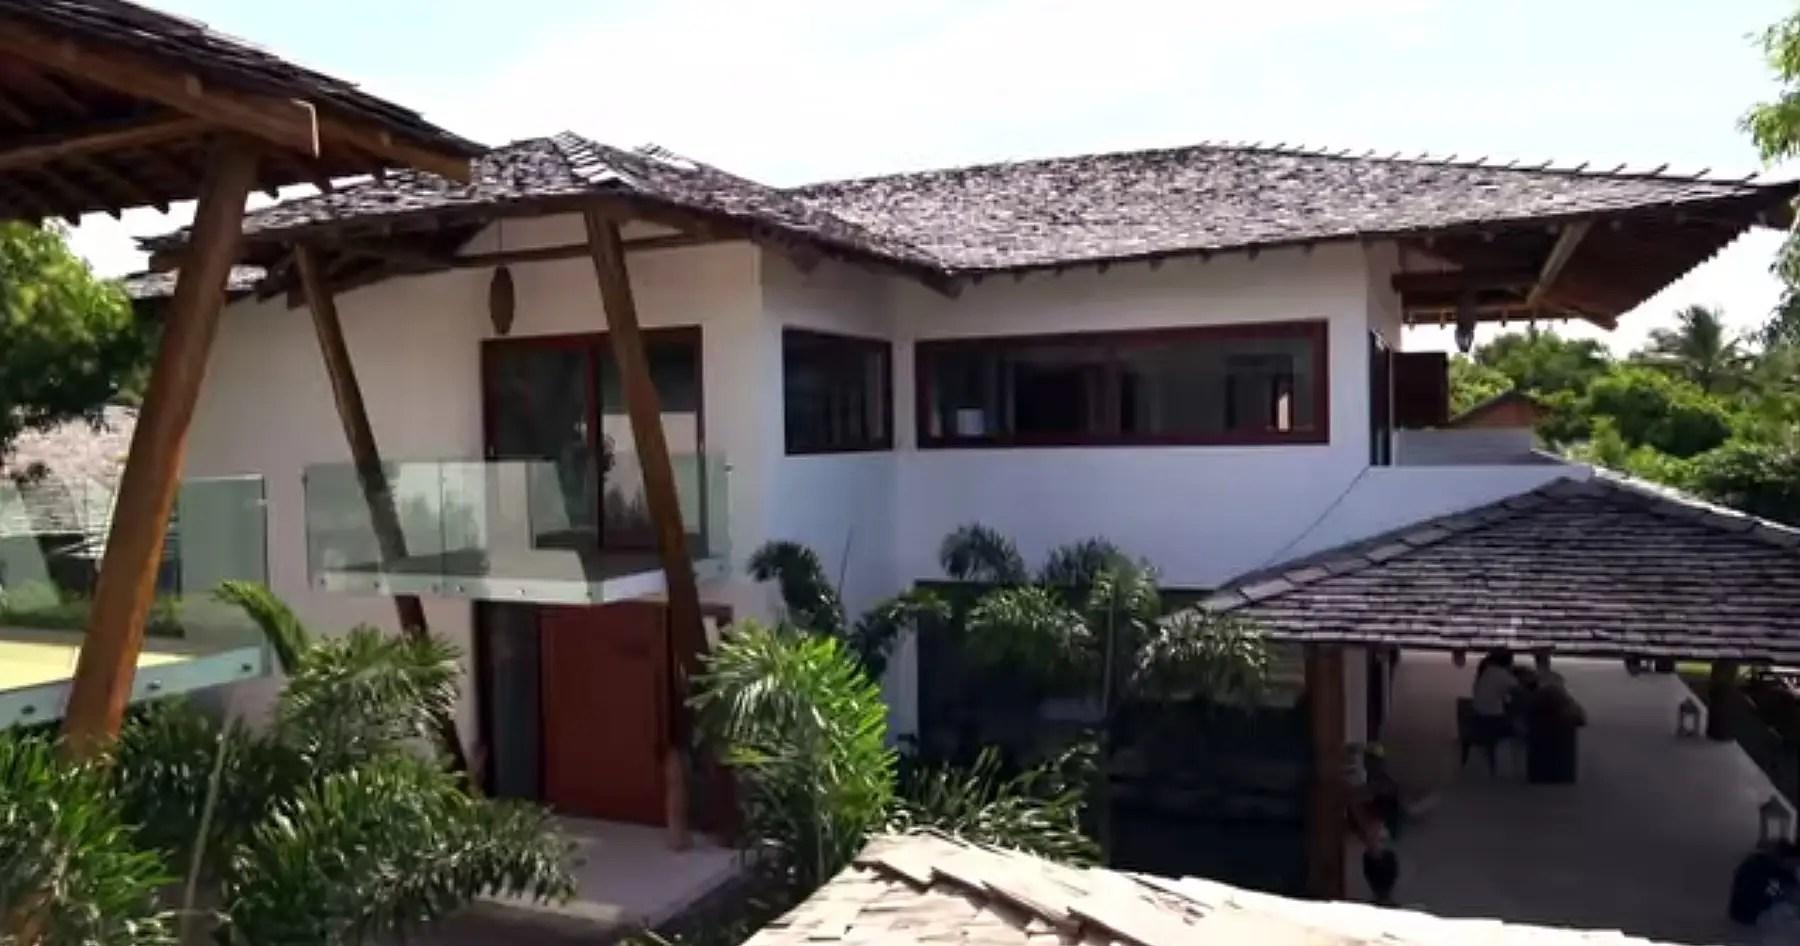 Each villa has a balcony.